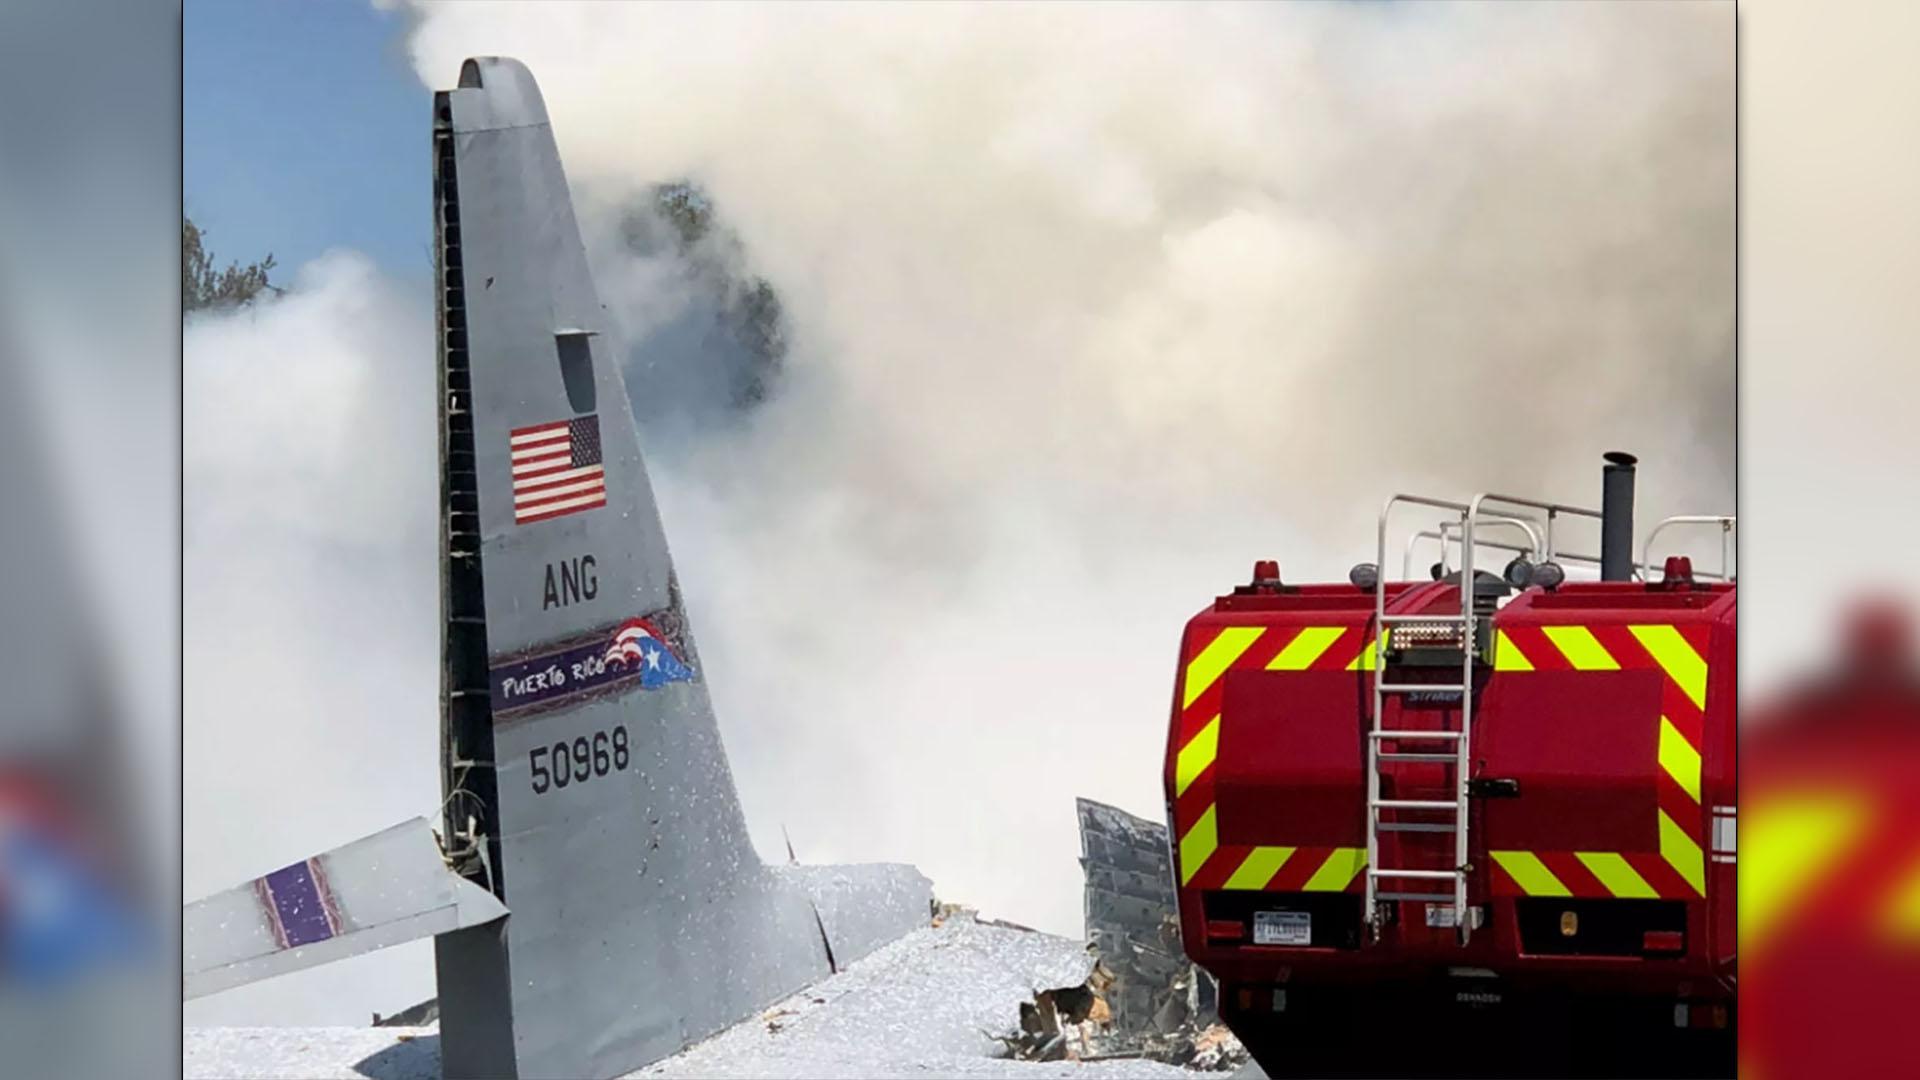 El timón de cola del avión tras el incidente (Twitter)